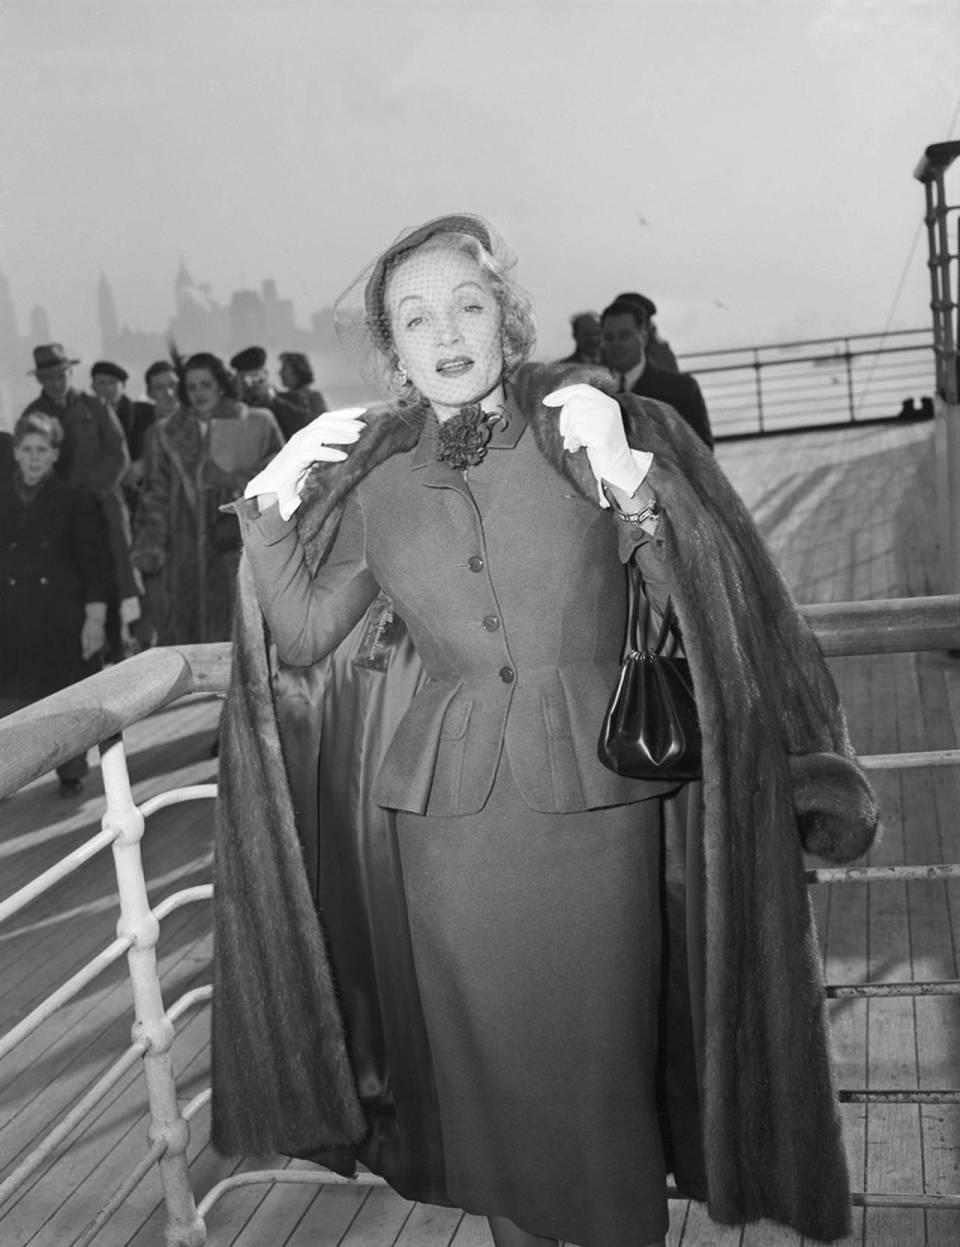 Fotografía de la actriz Marlene Dietrich en el Queen Elizabeth II en 1950, expuesta en el museo de Victoria y Albert, Londres.